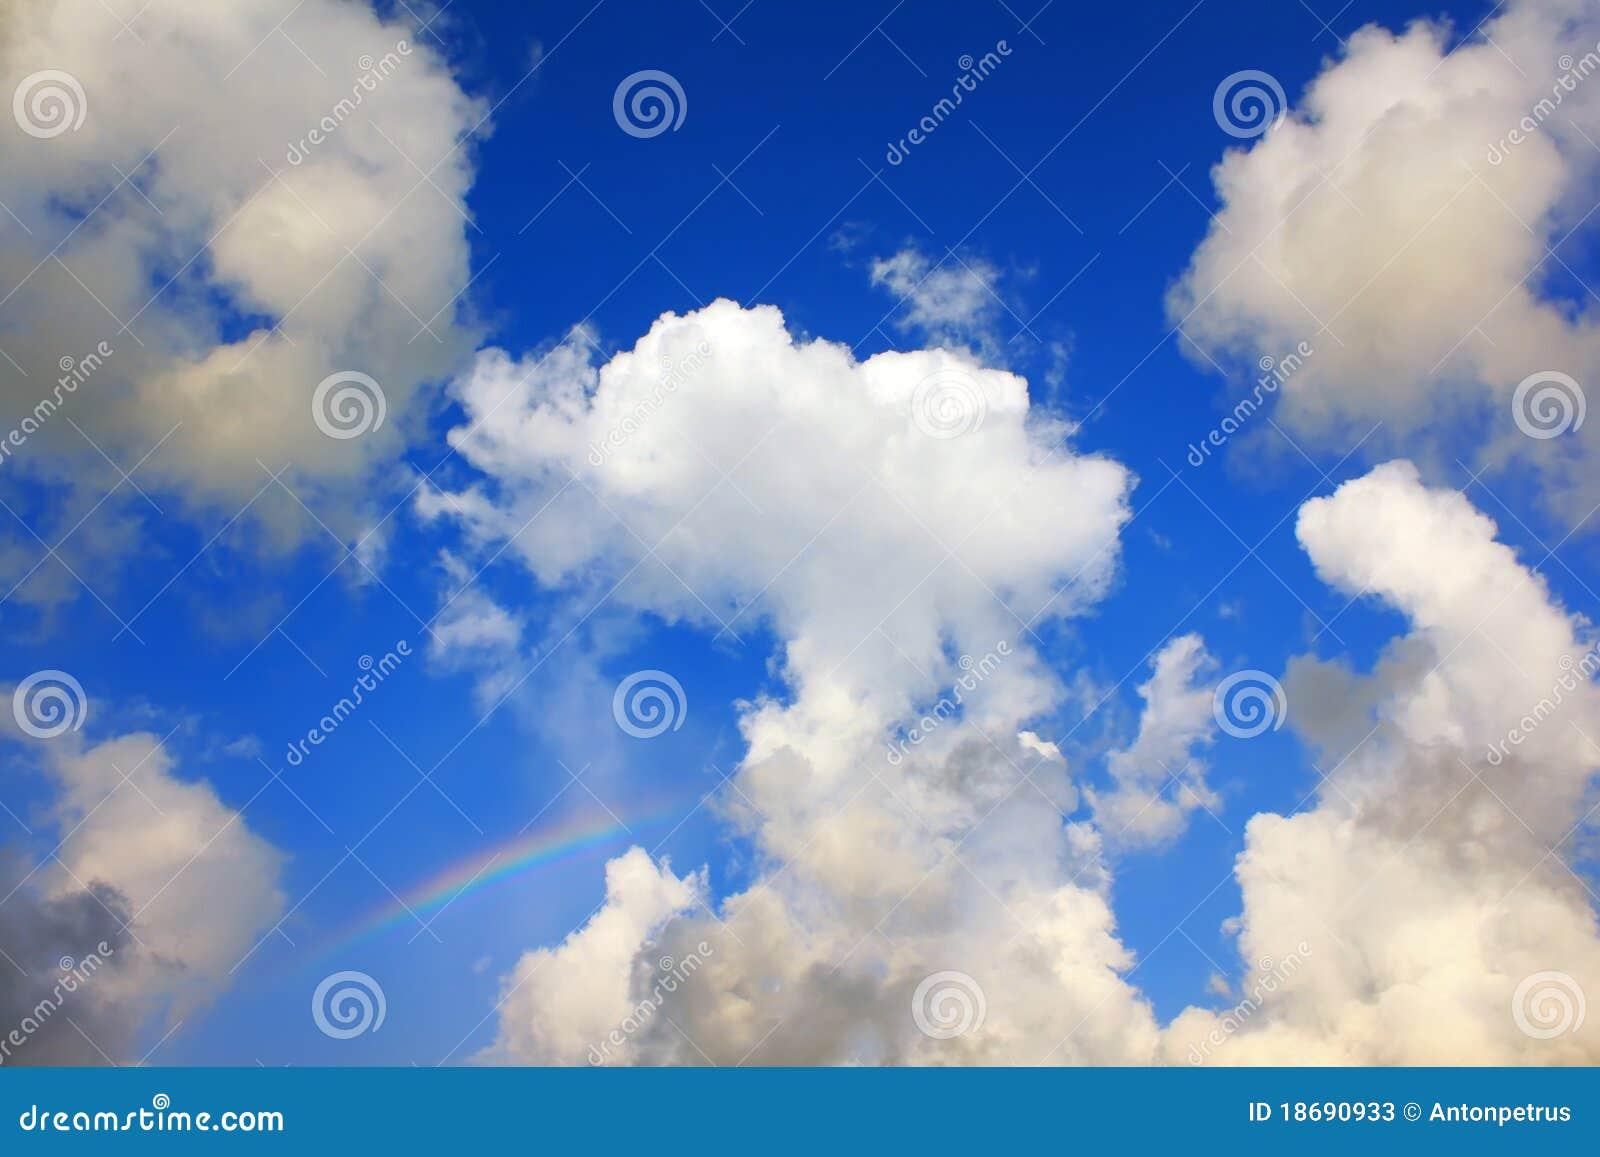 Charmant Blauer Himmel Lebenslauf Bilder - Beispiel Business ...